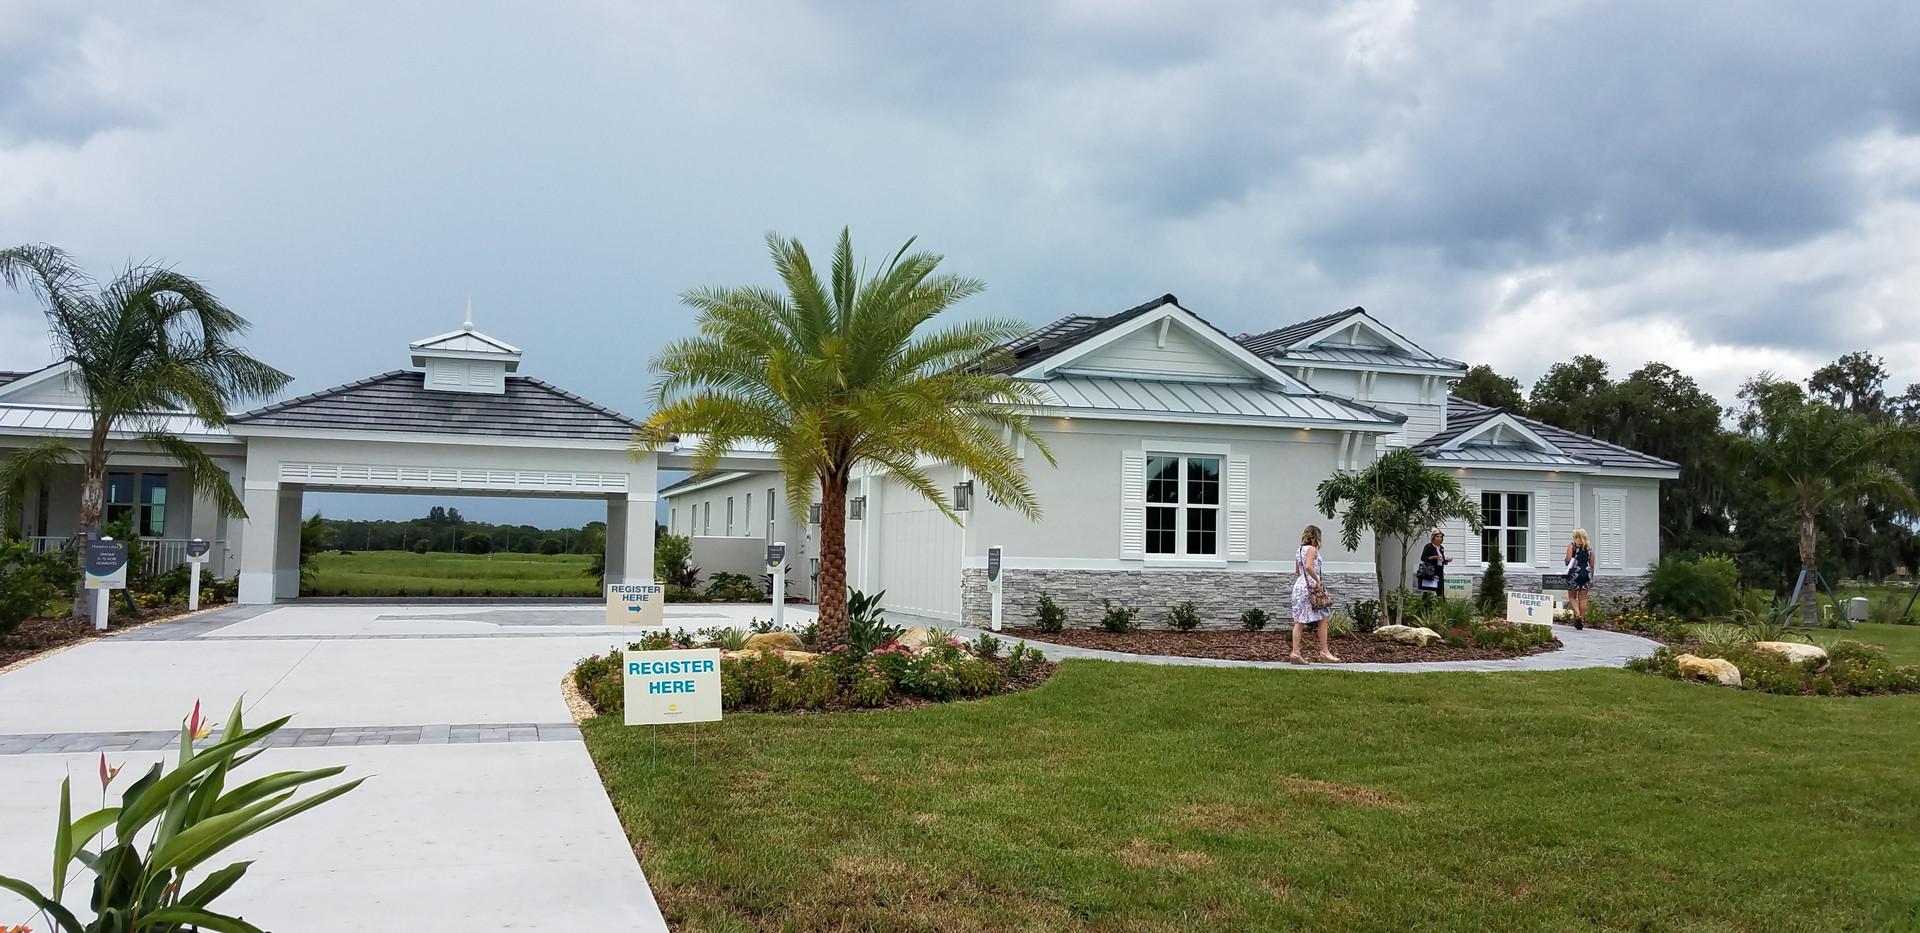 Hampton Lakes model home in Sarasota